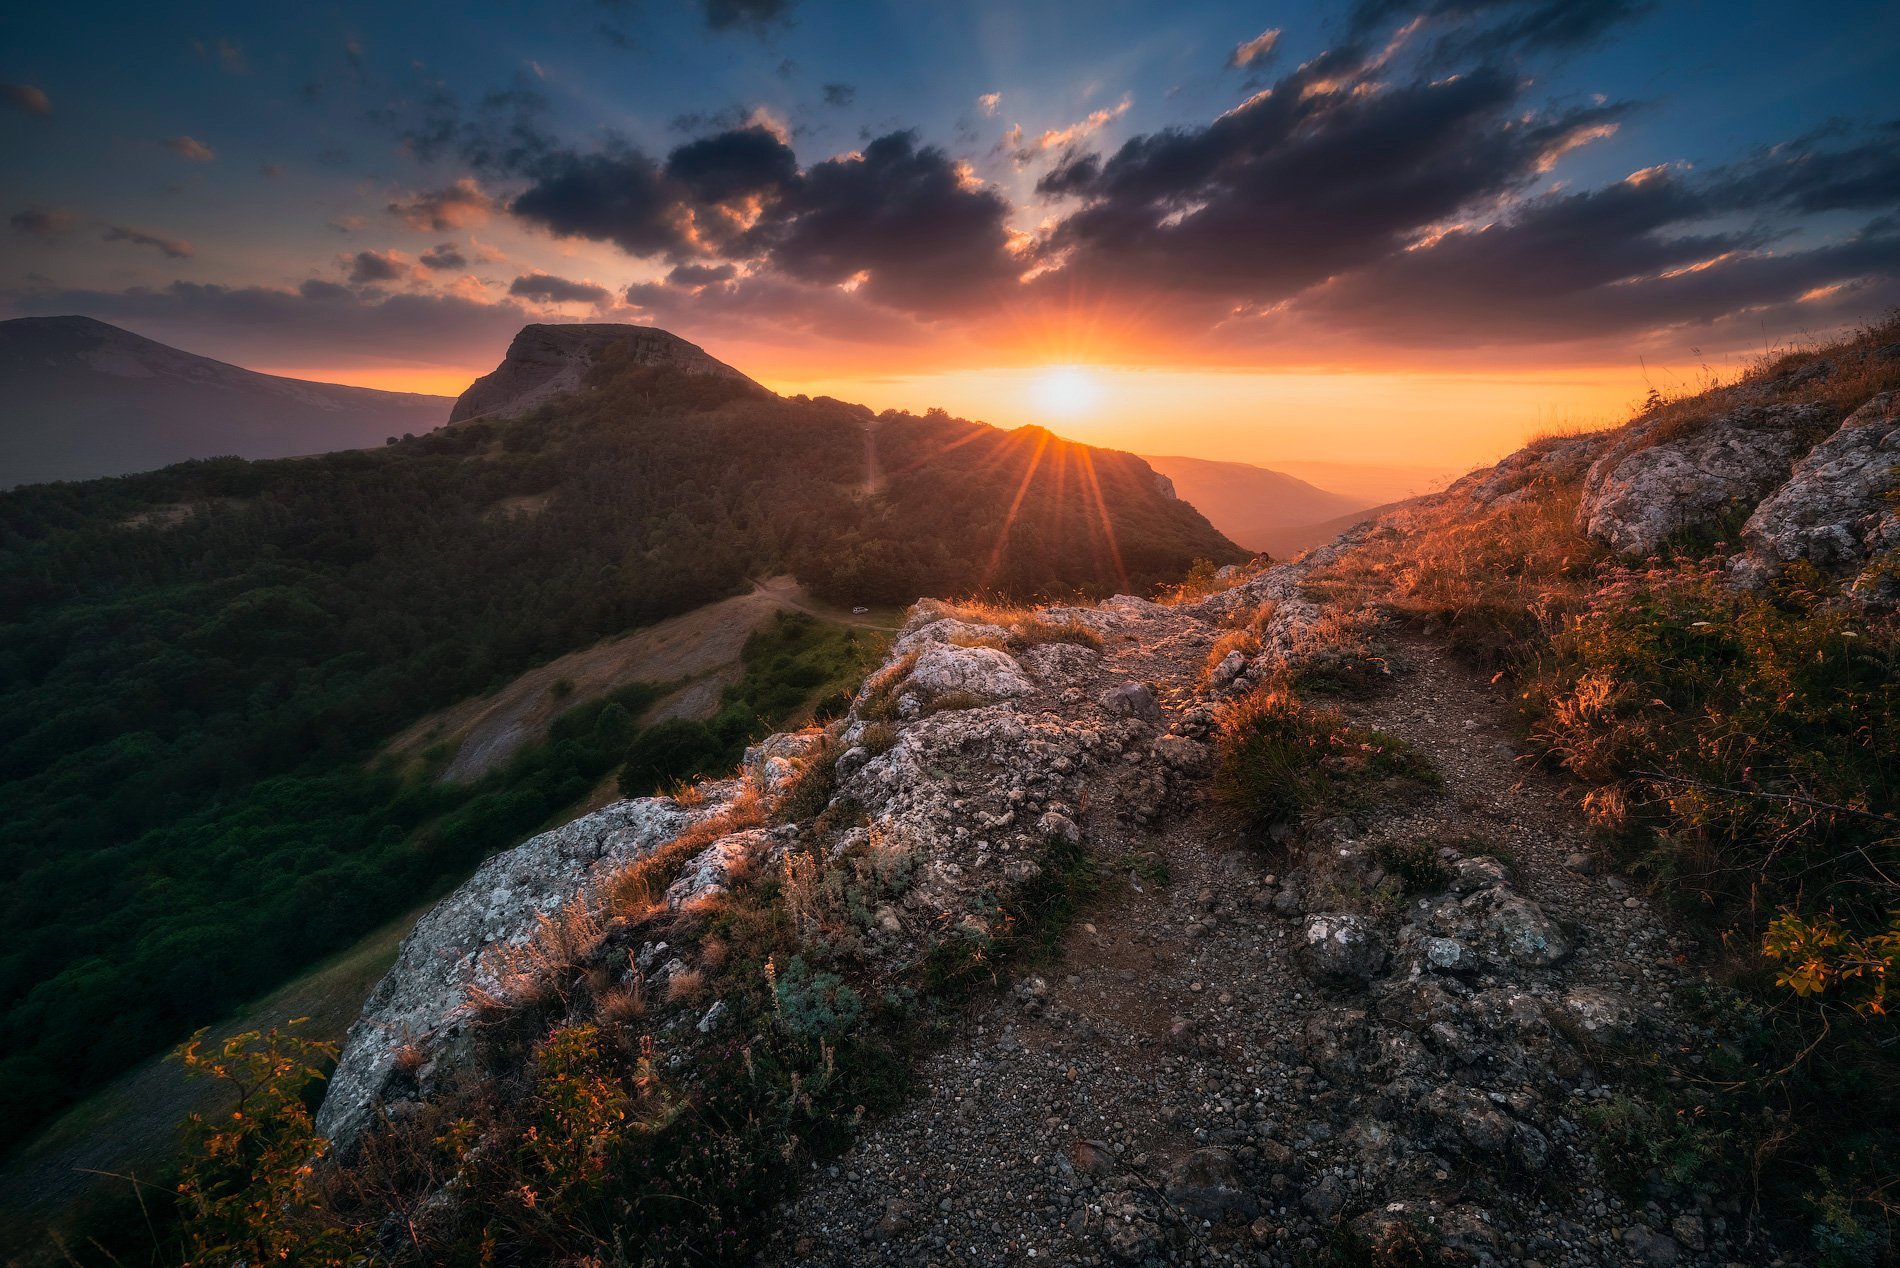 крым, природа, горы, пейзаж, крымские горы, природа крыма, закат, туризм, путешествия, отдых в горах, отдых в крыму, тур по крыму, фототур в крым, Лузанов Вячеслав